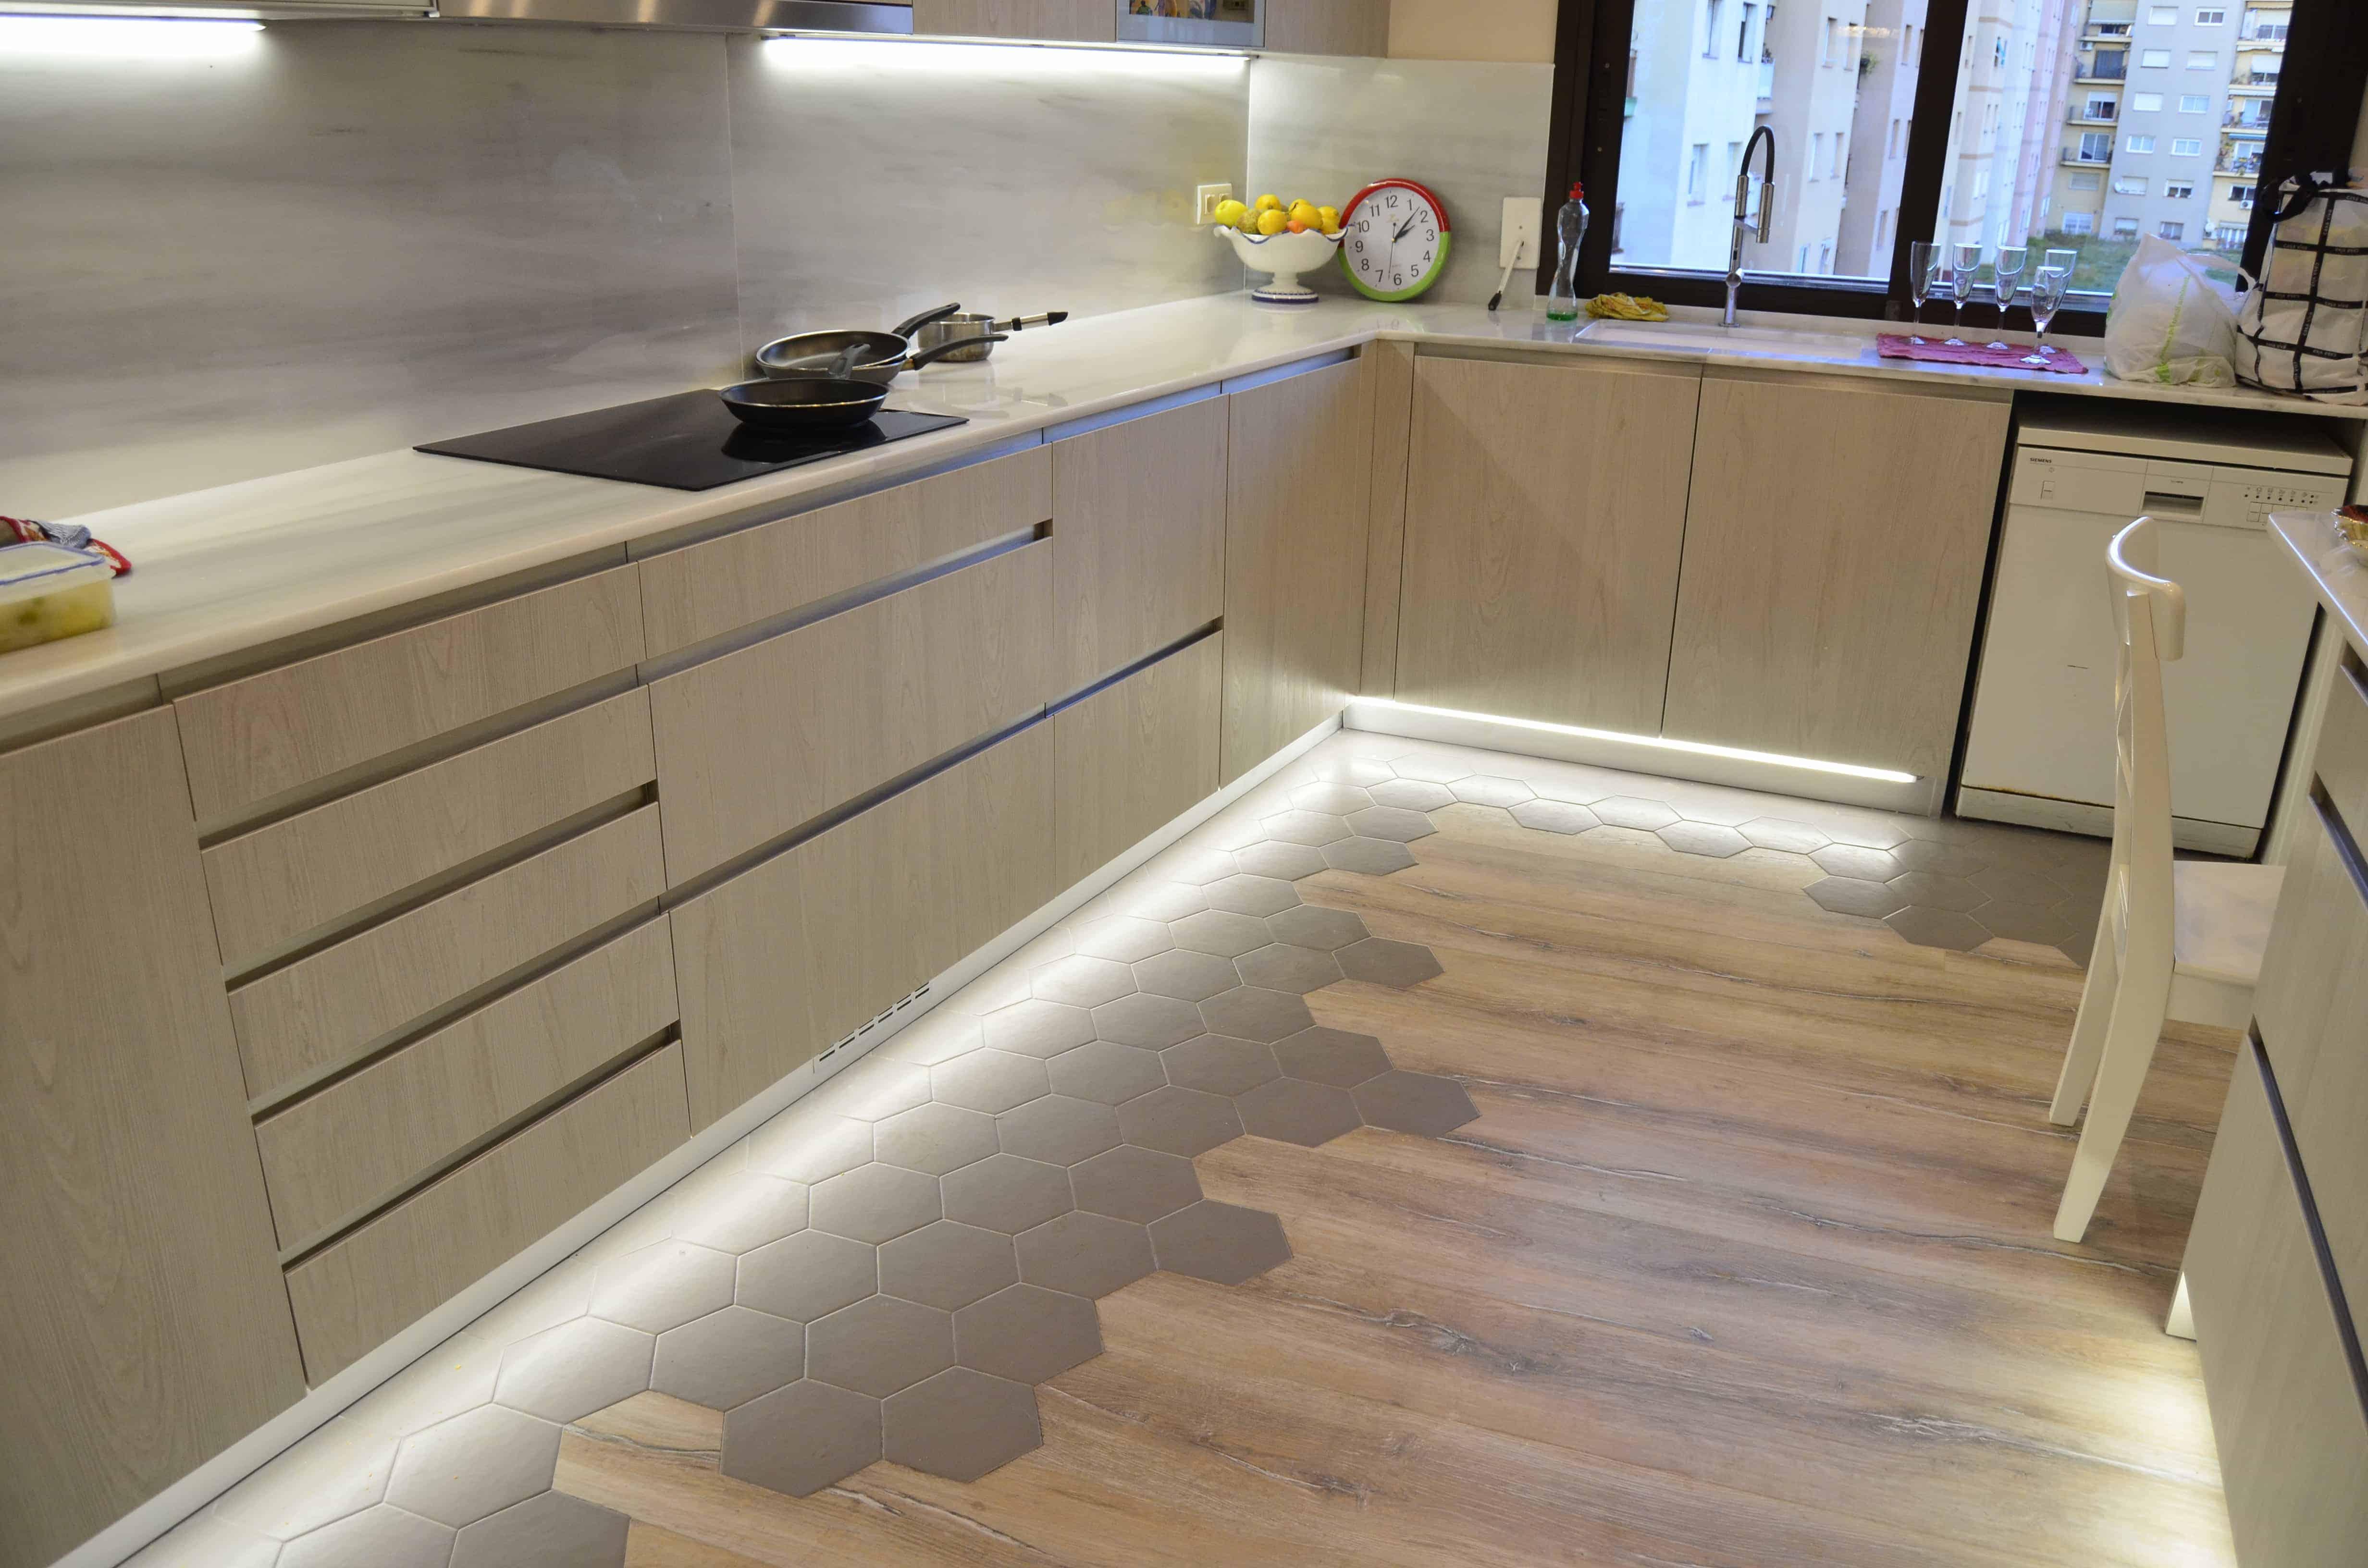 suelo hidráulico en la cocina